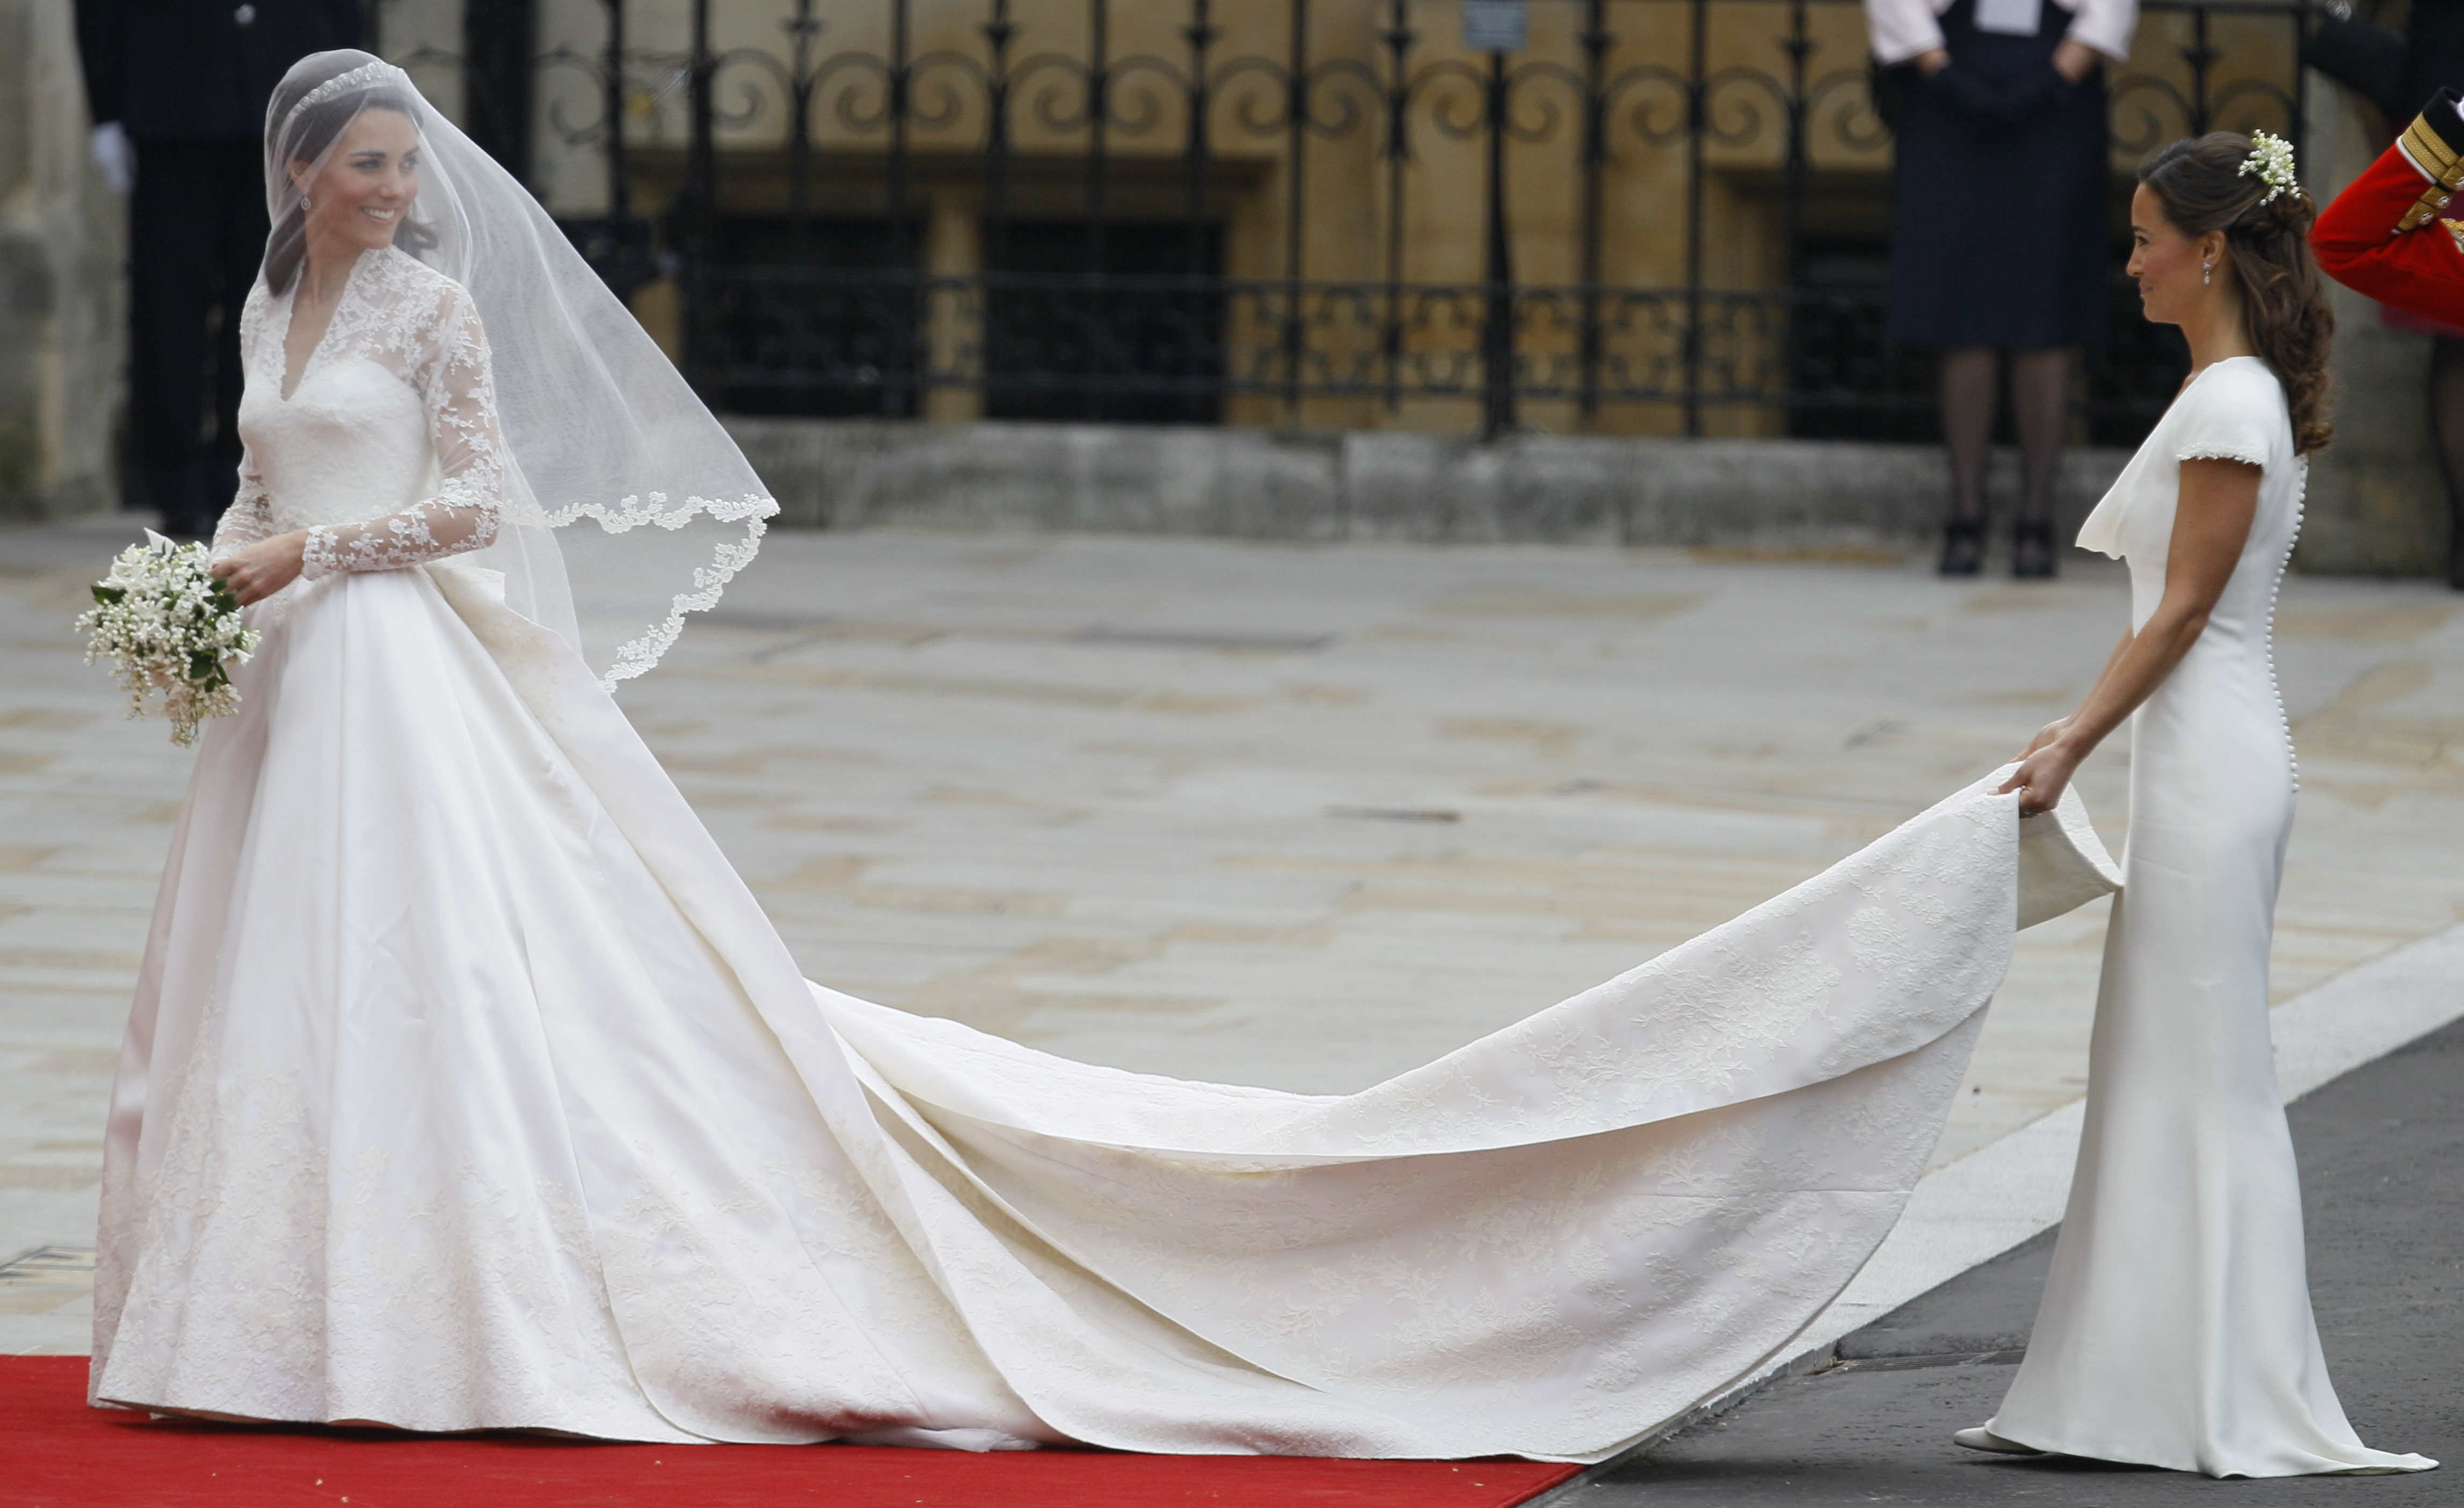 عکس های شاهزاده ویلیام ، عروسی سلطنتی کیت میدلتون